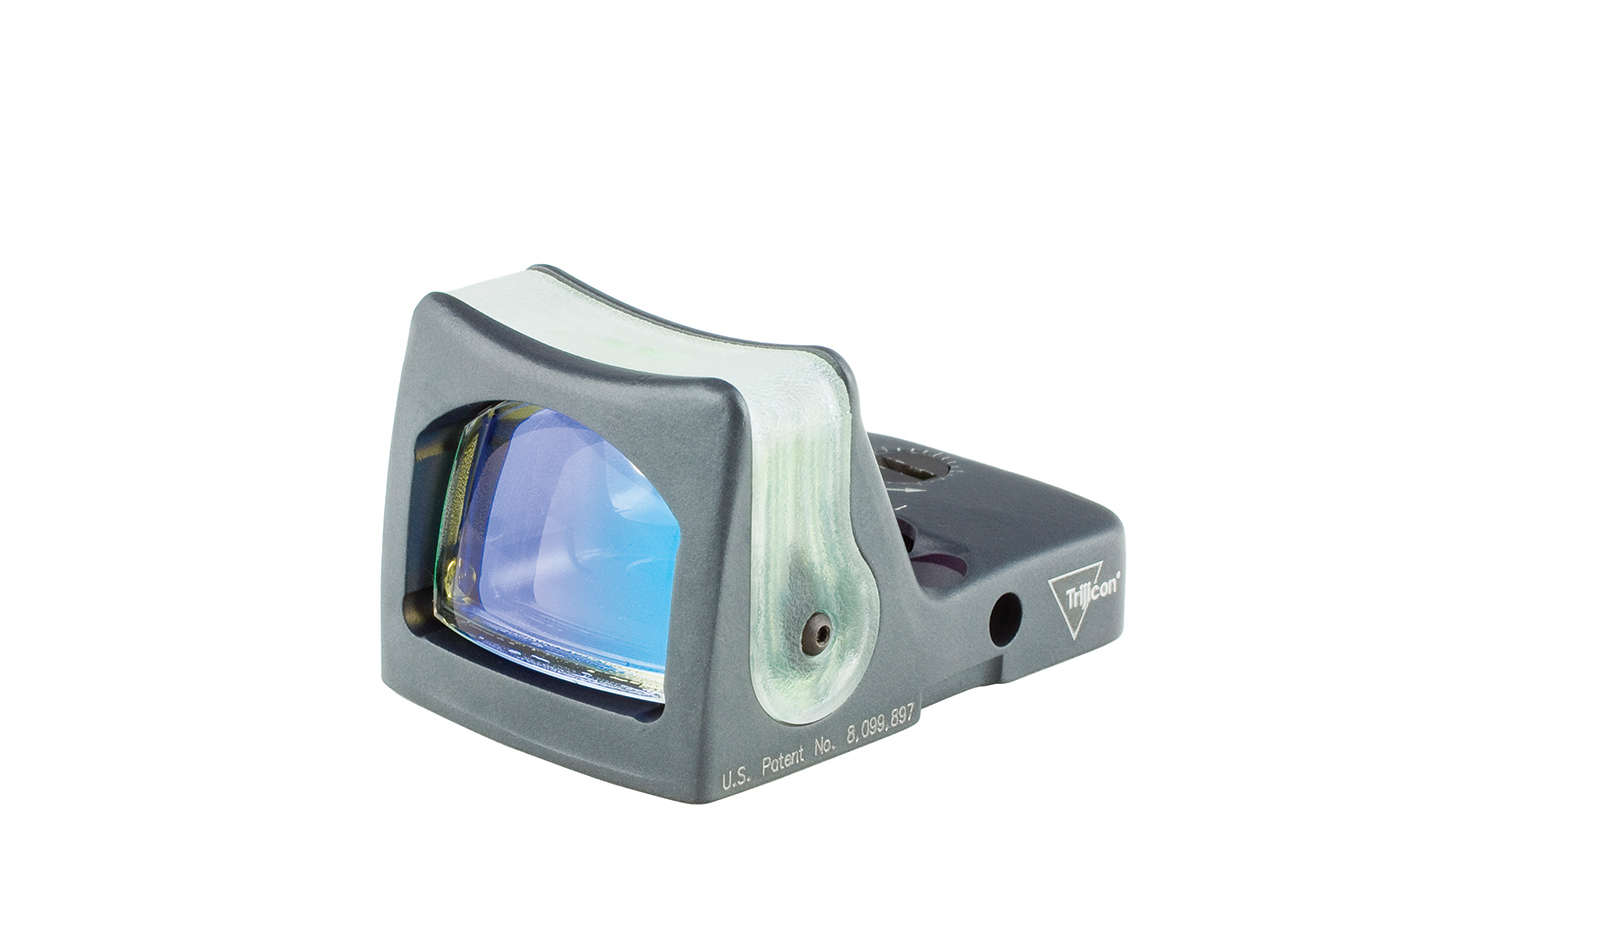 RM05-C-700187 angle 1